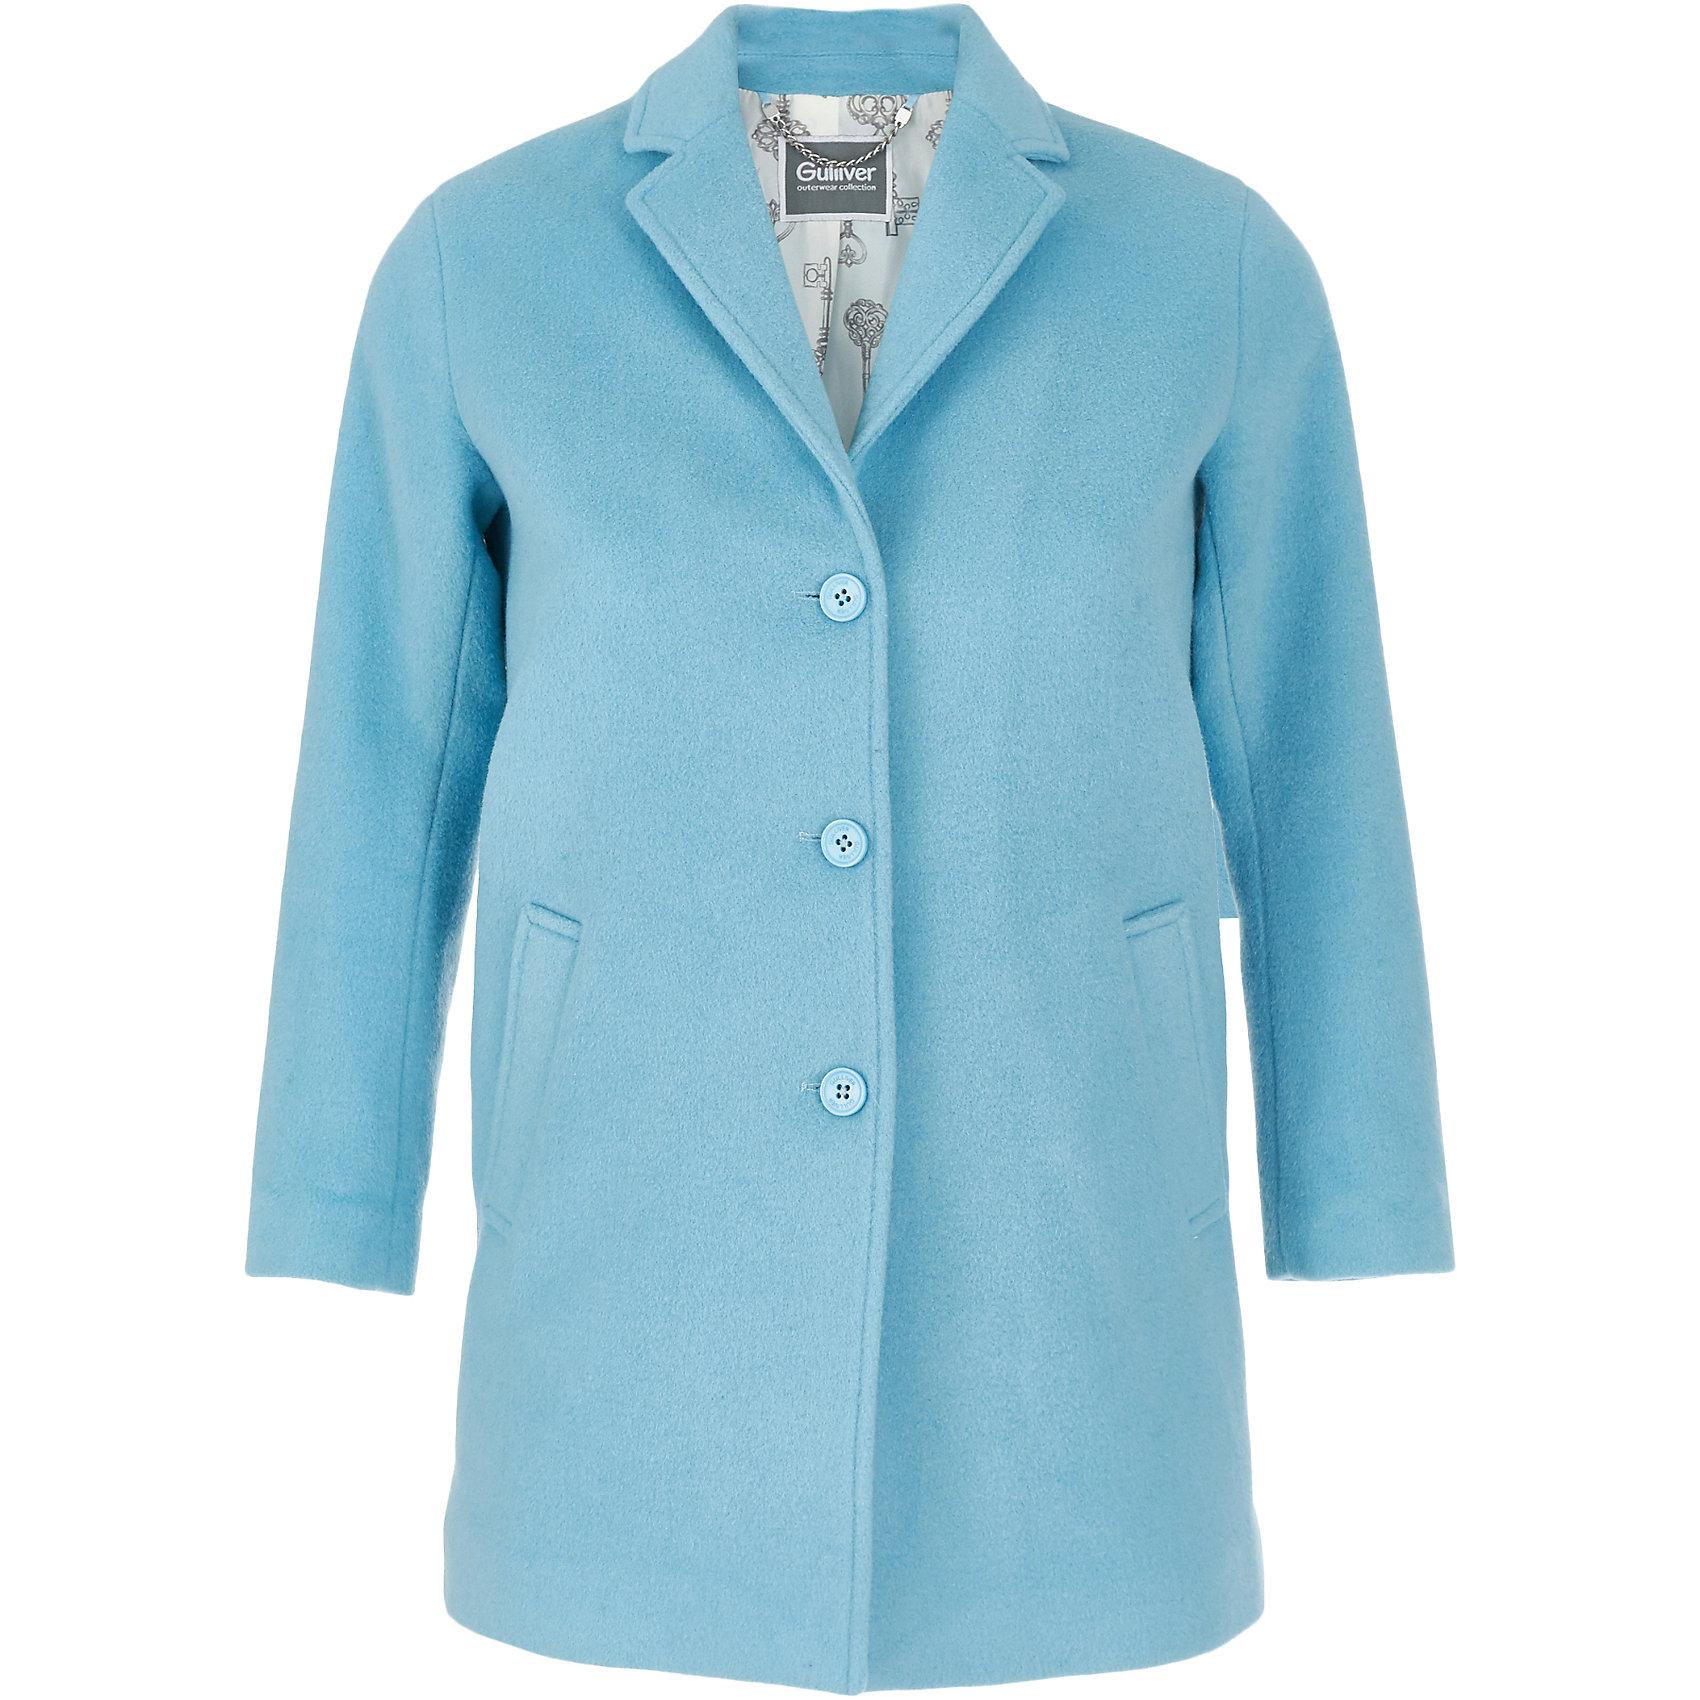 Пальто Gulliver для девочкиВерхняя одежда<br>Пальто Gulliver для девочки<br>Модную или комфортную? Удобную или красивую? ... Если вы хотите купить куртку для девочки, помните, что хорошая куртка должна сочетать в себе все необходимые требования к функциональности и внешнему виду! Именно такая, детская куртка от Gulliver, - отличный вариант для холодной погоды. Лаконичный дизайн модели с лихвой компенсируется модным металлическим блеском серебристой плащевки. Модная форма, комфортная длина, удачная конструкция модели, не препятствующая свободе движений, а также все необходимые элементы для защиты от ветра сделают куртку незаменимым атрибутом осенне-зимнего сезона.<br>Состав:<br>верх: 88% полиэстер 12% нейлон; подкладка: 100% полиэстер; утеплитель: иск.пух 100% полиэстер<br><br>Ширина мм: 356<br>Глубина мм: 10<br>Высота мм: 245<br>Вес г: 519<br>Цвет: голубой<br>Возраст от месяцев: 108<br>Возраст до месяцев: 120<br>Пол: Женский<br>Возраст: Детский<br>Размер: 140,122,128,134<br>SKU: 7076906